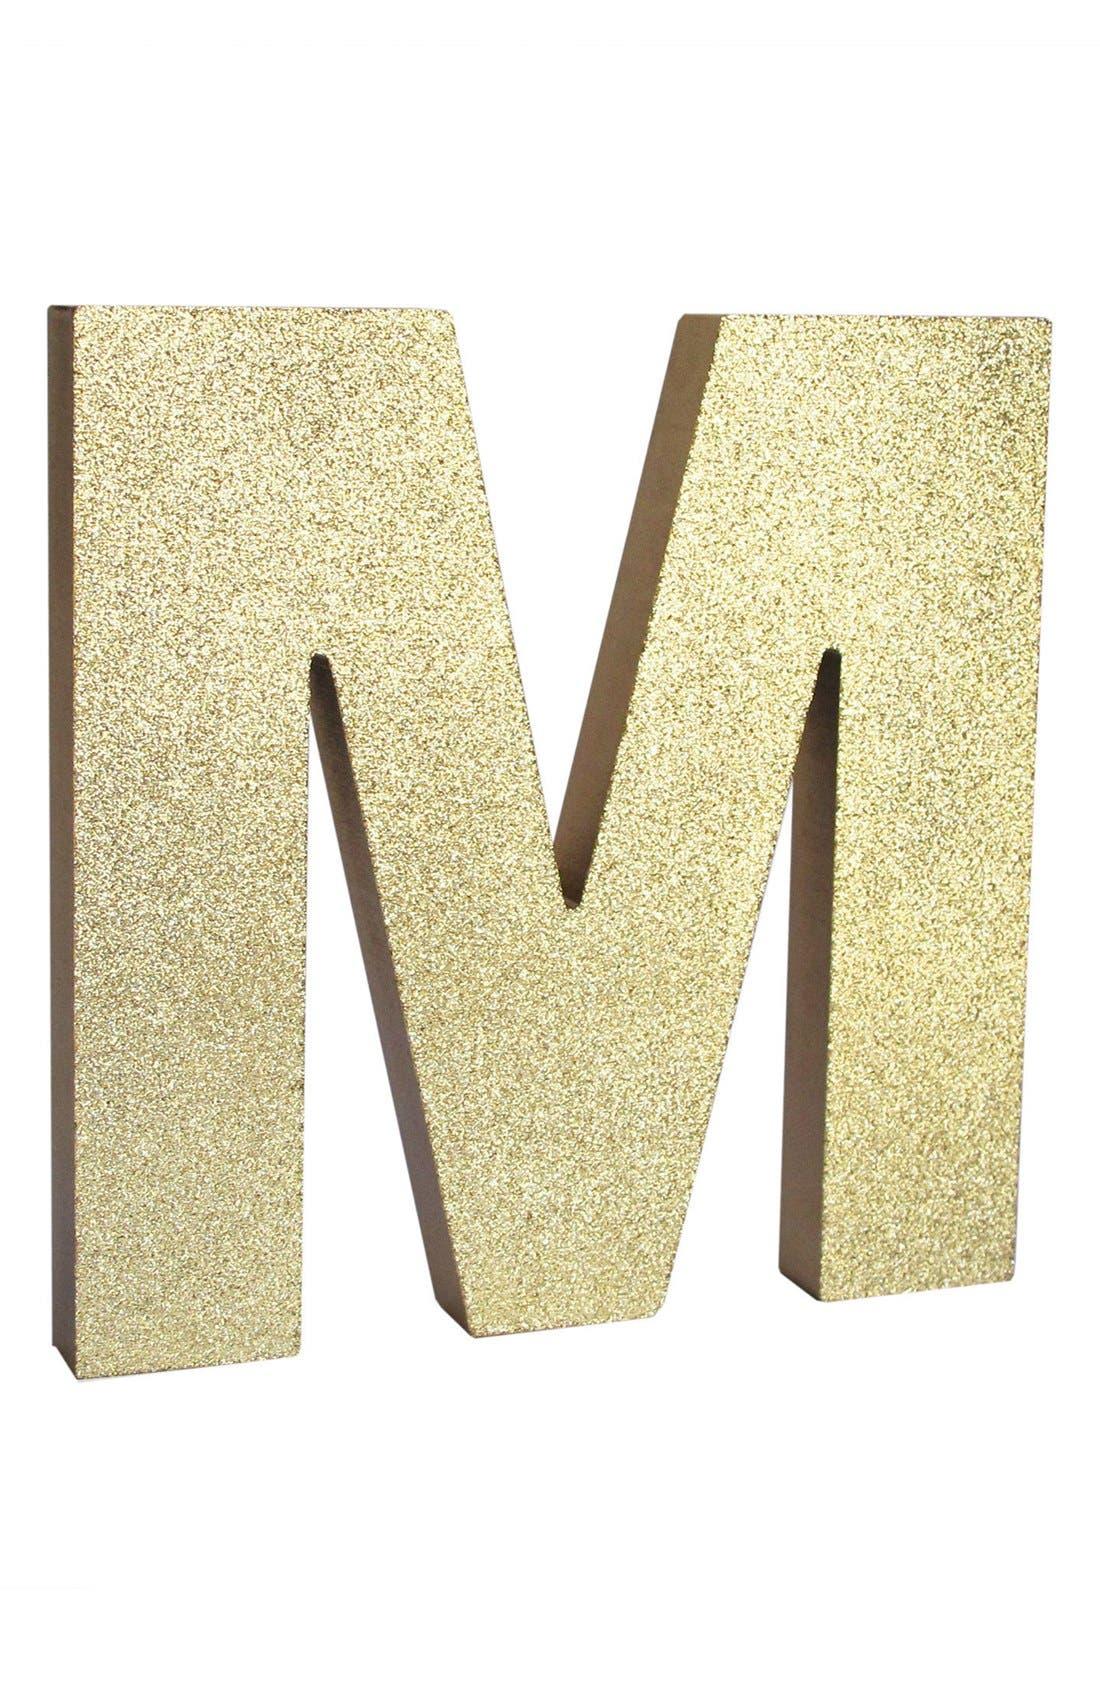 Alternate Image 1 Selected - American Atelier Glitter Monogram Letter Decoration